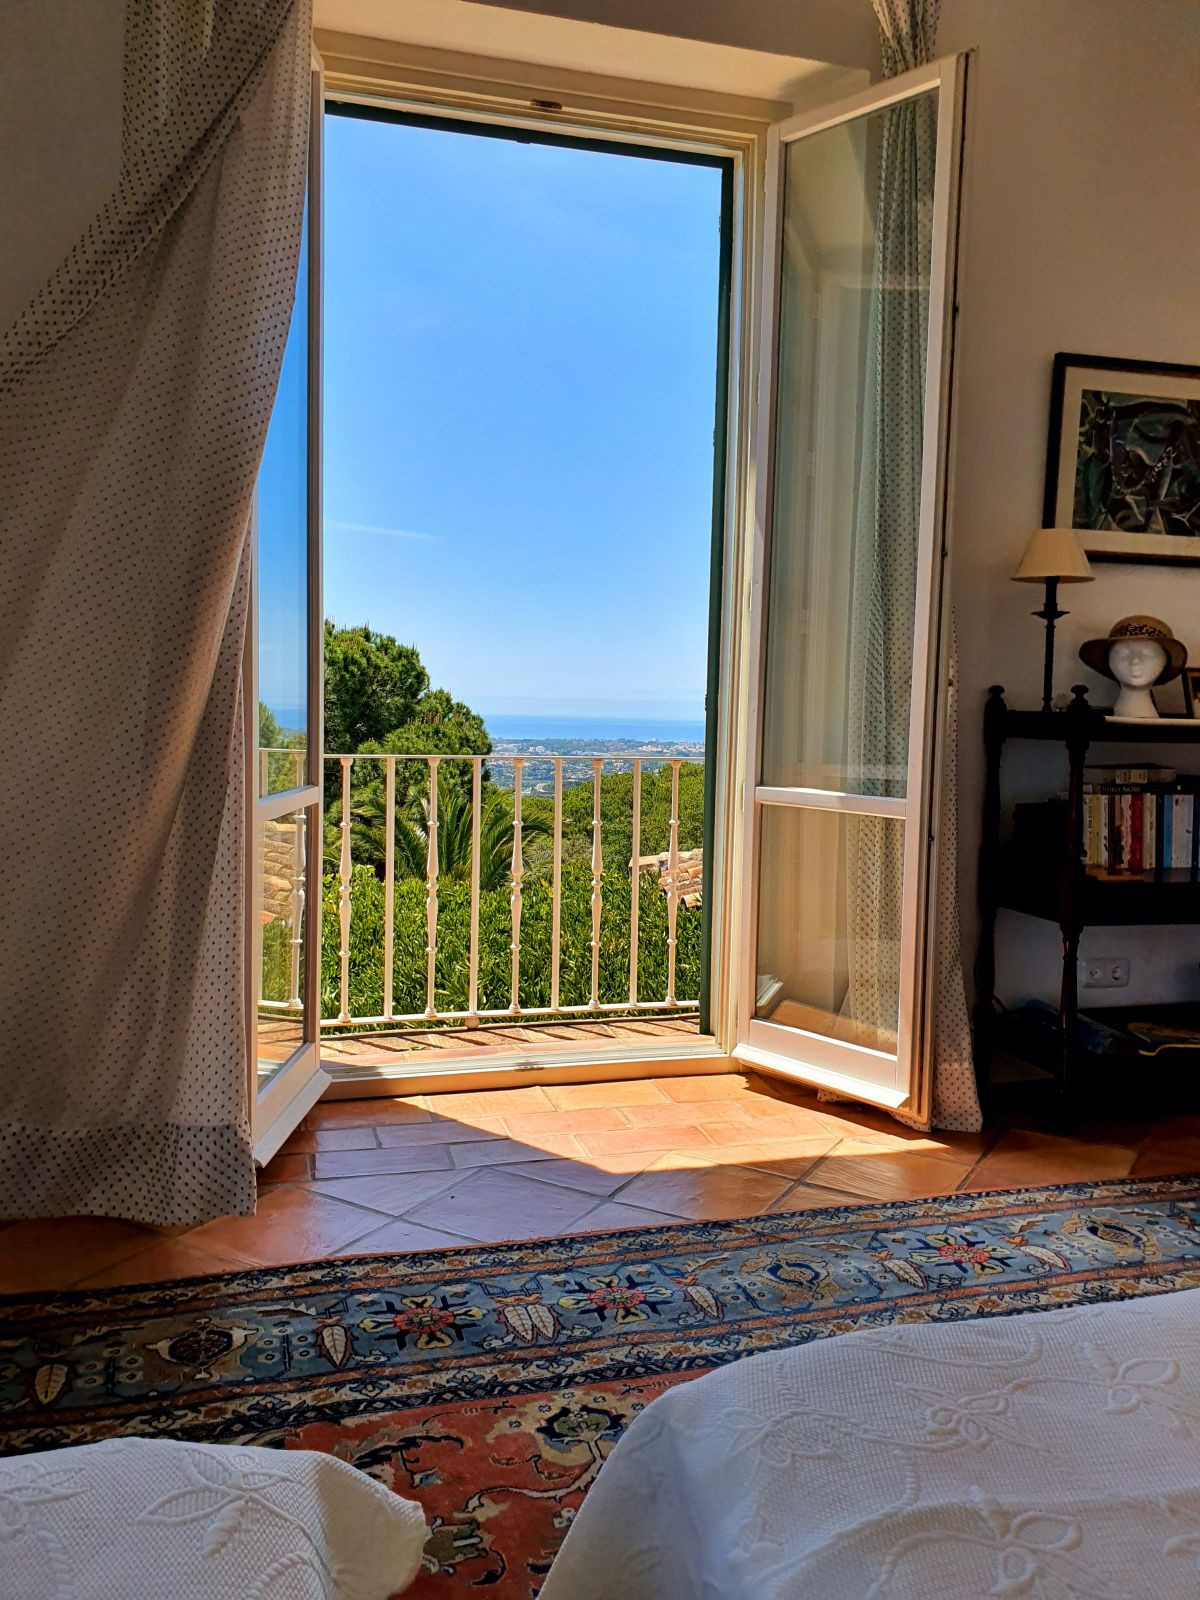 Villa Detached in El Madroñal, Costa del Sol